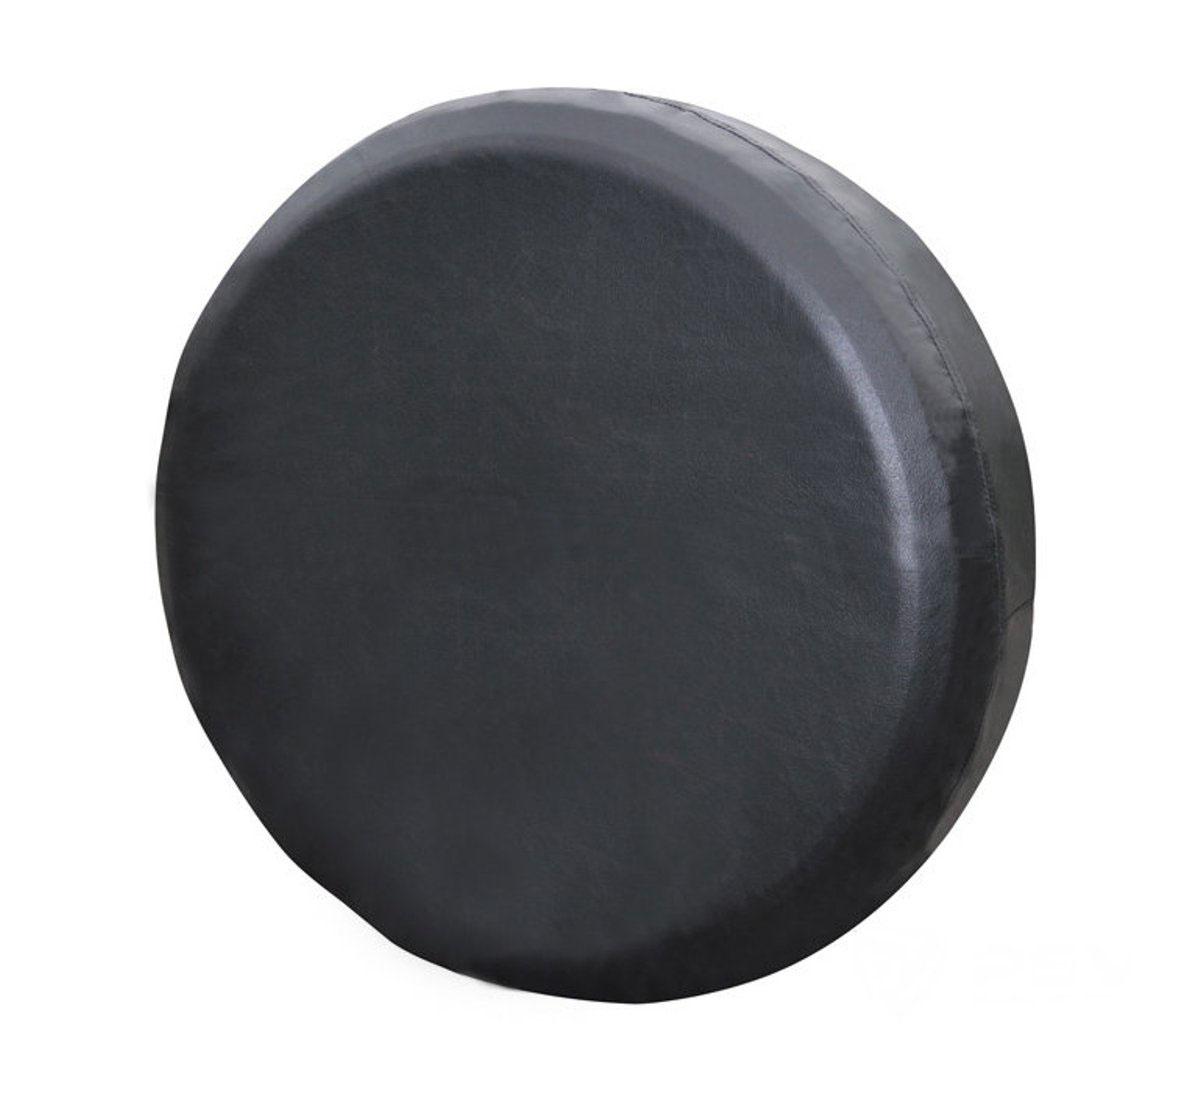 Чехол на запасное колесо Auto Premium, цвет: черный. Размер S (64-69 см)54 009318Чехол на запасное колесо автомобиля Auto Premium, выполненный из высококачественной экокожи, прекрасно охранит запаску от негативного влияния погодных условий: пыль грязь, дождь. При этом чехол он не потрескается на морозе. Крепится с помощью шнурка.Диаметр колеса: 64-69 см.